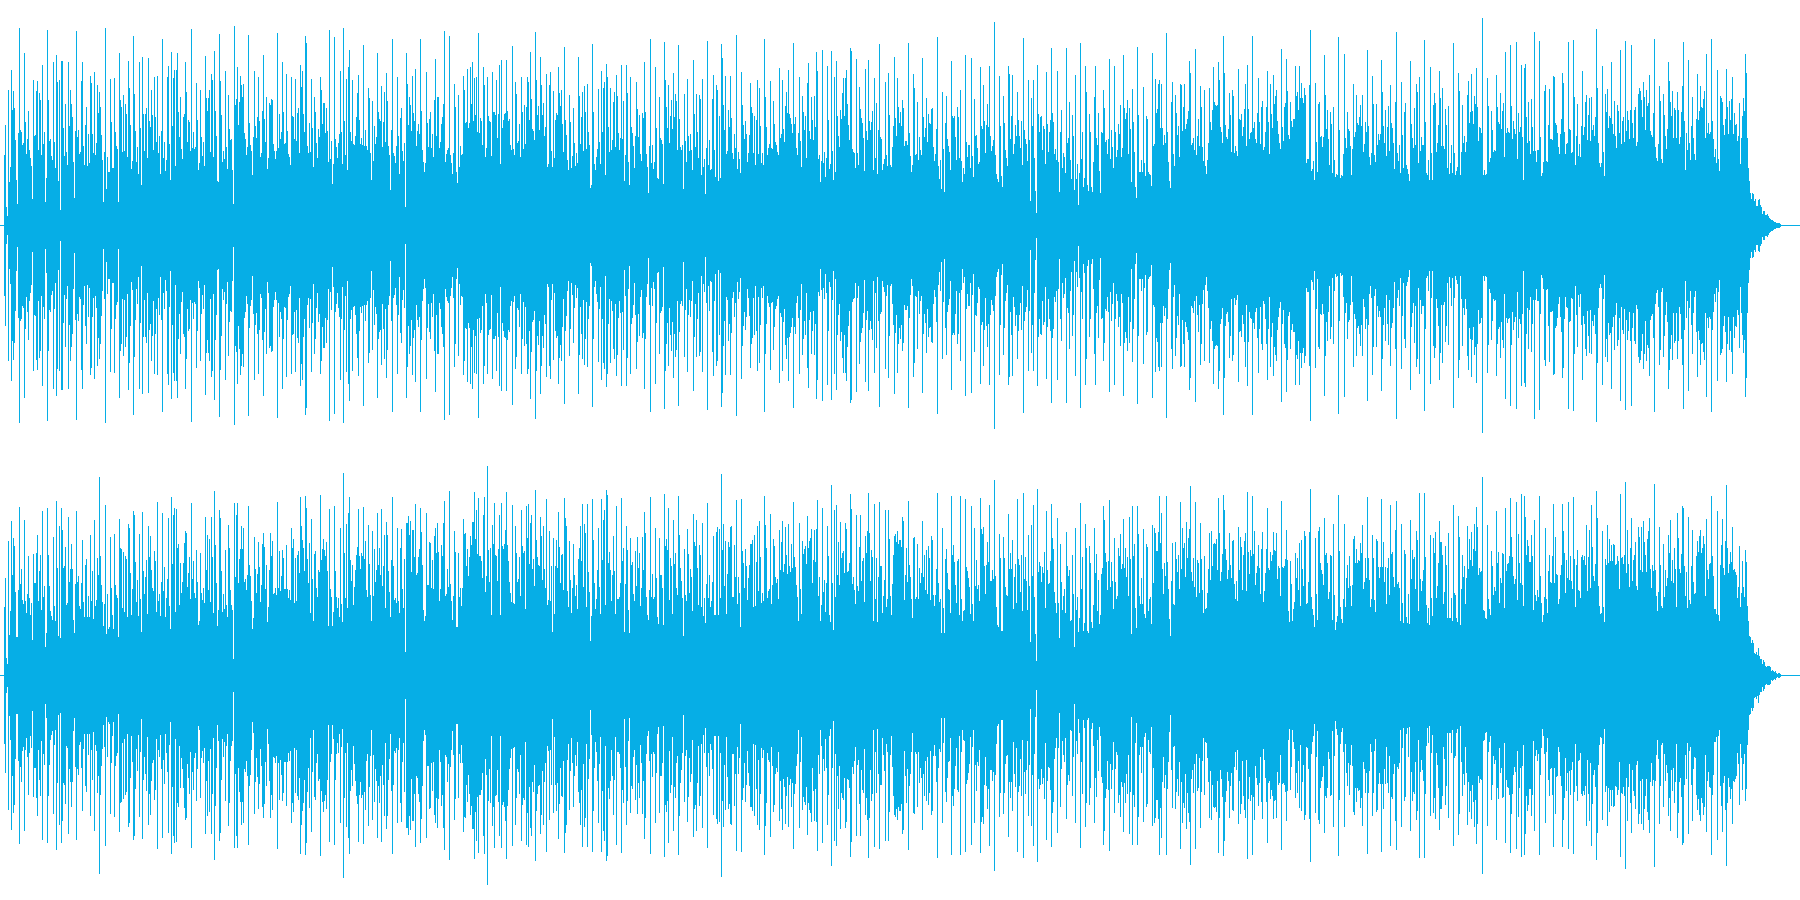 メローでメロディアスなエレキサウンドの再生済みの波形